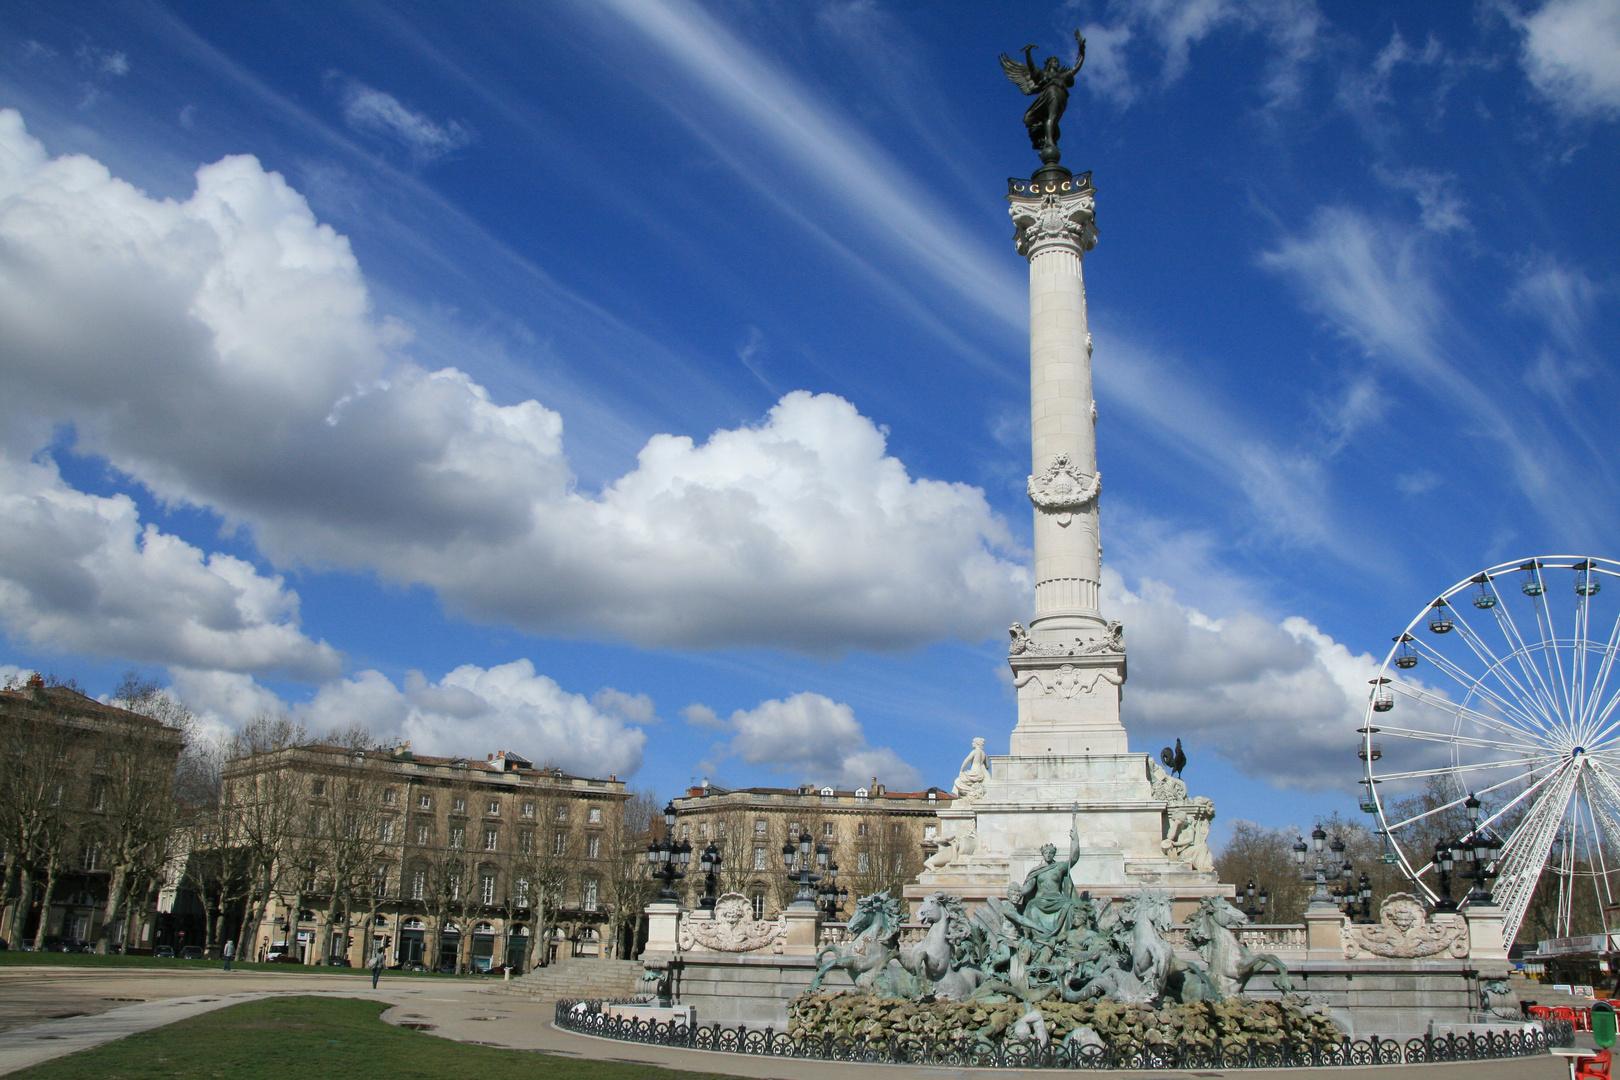 Bordeaux, quand ton ciel nous ensorcelle...